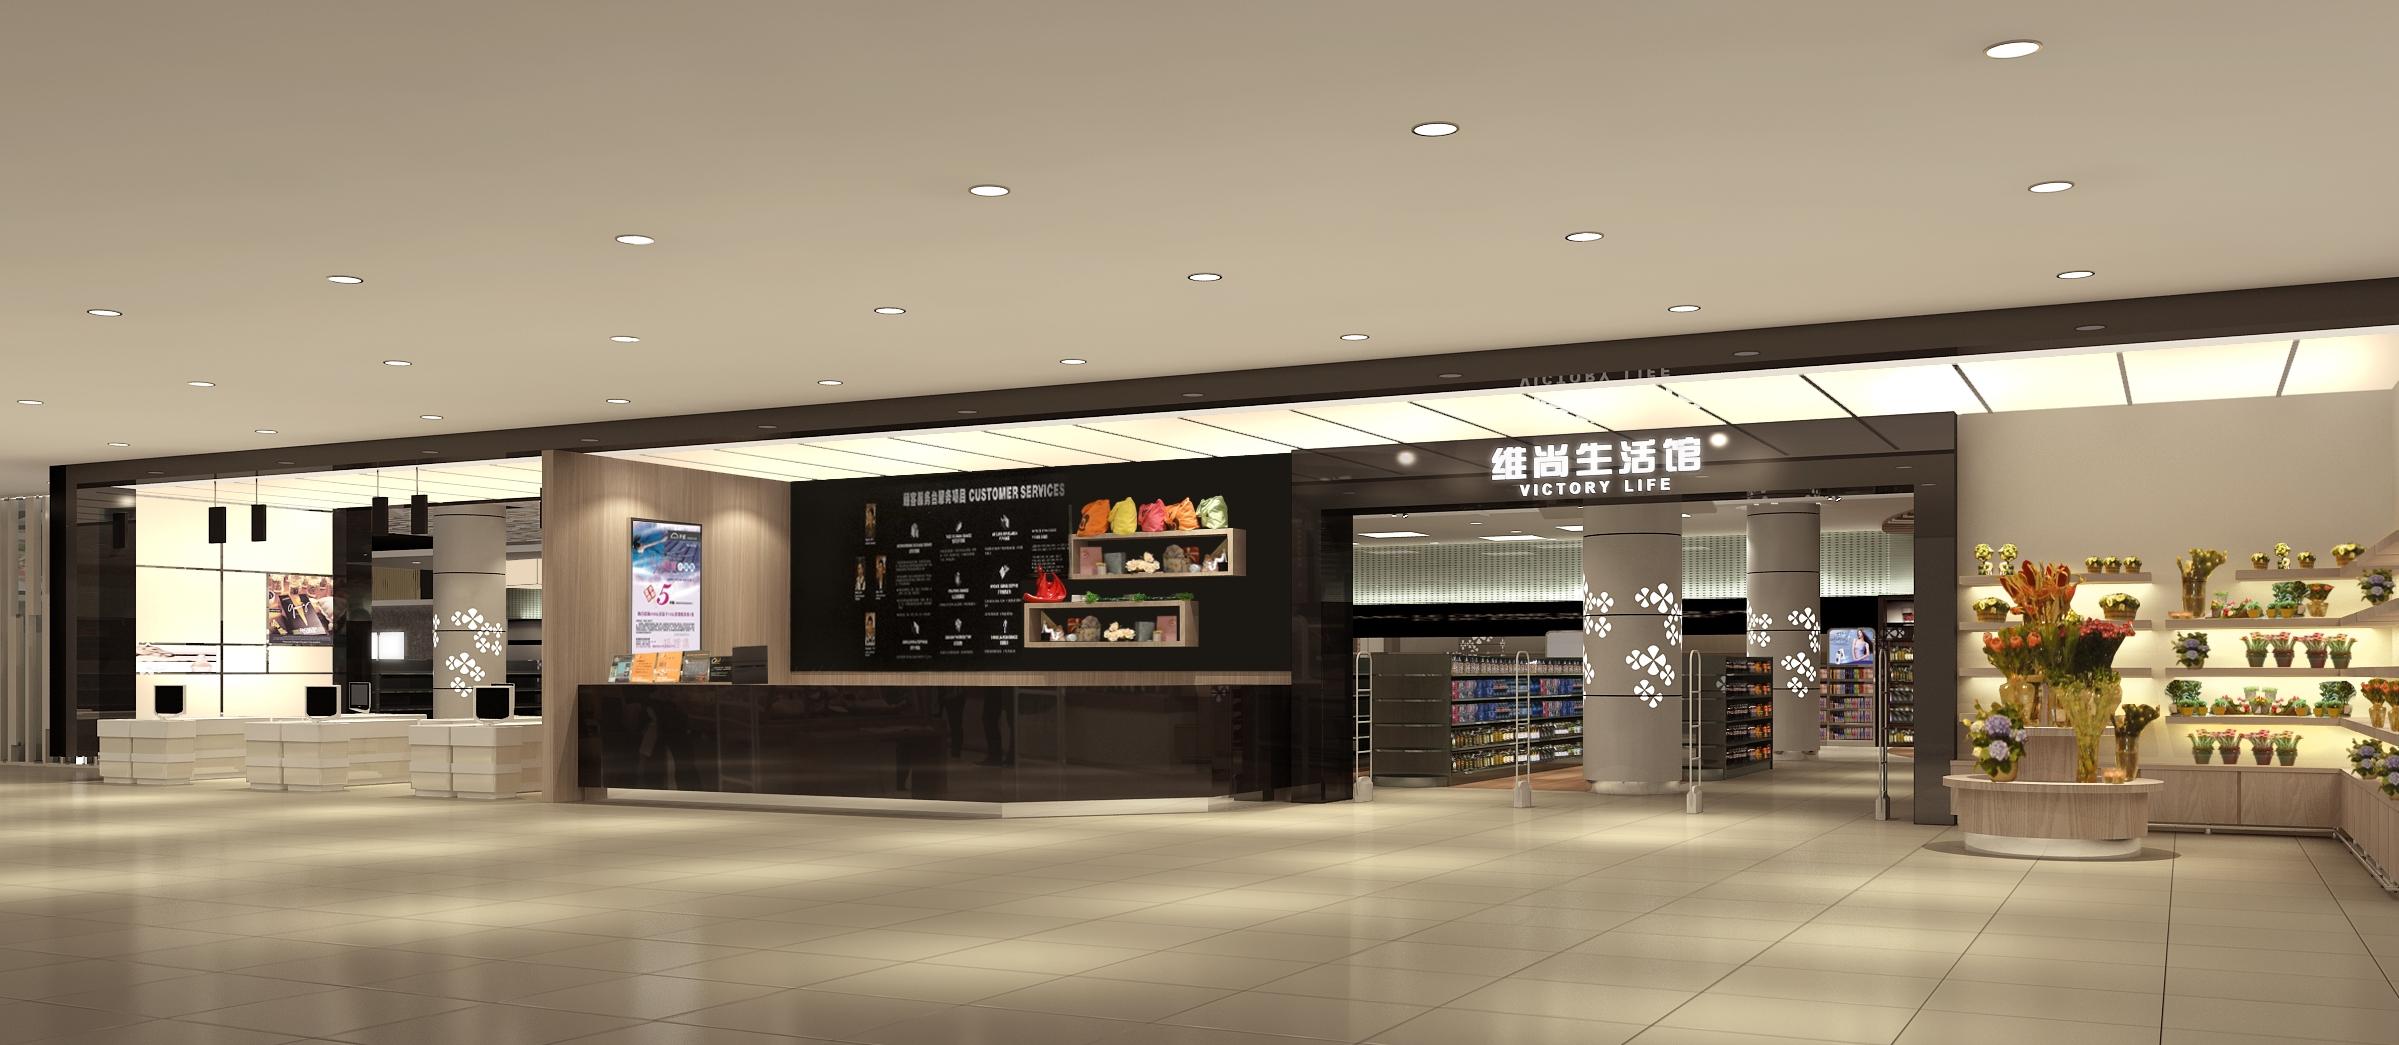 相忘江湖:精品超市规划设计方案